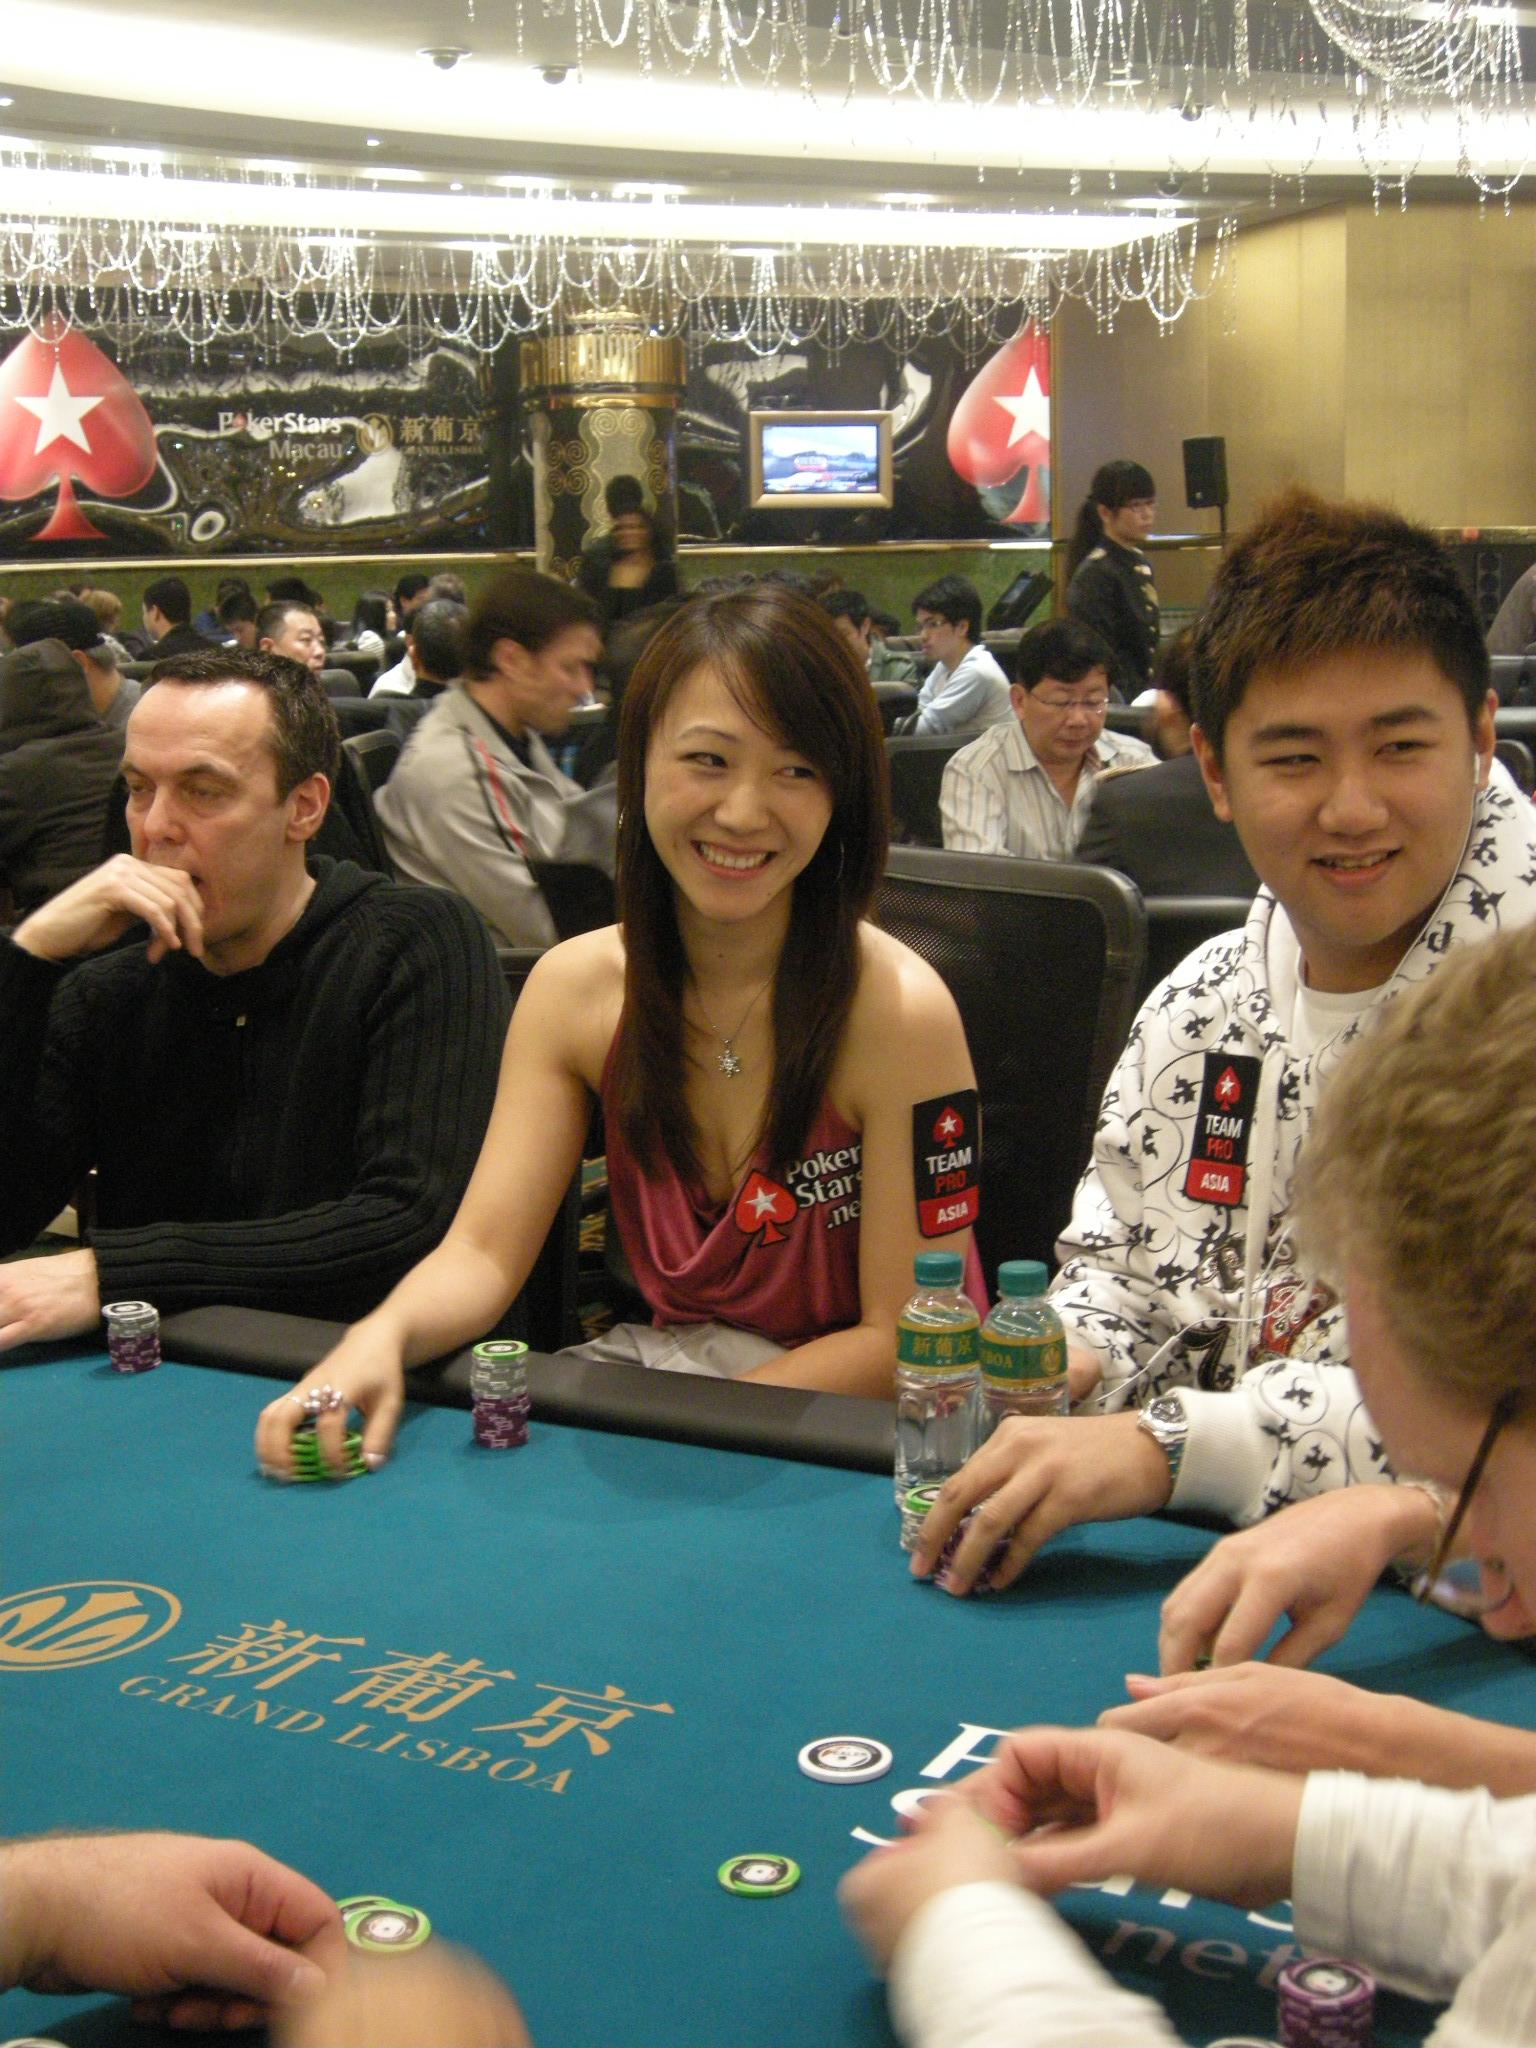 Macau poker online sweet skulls free slots